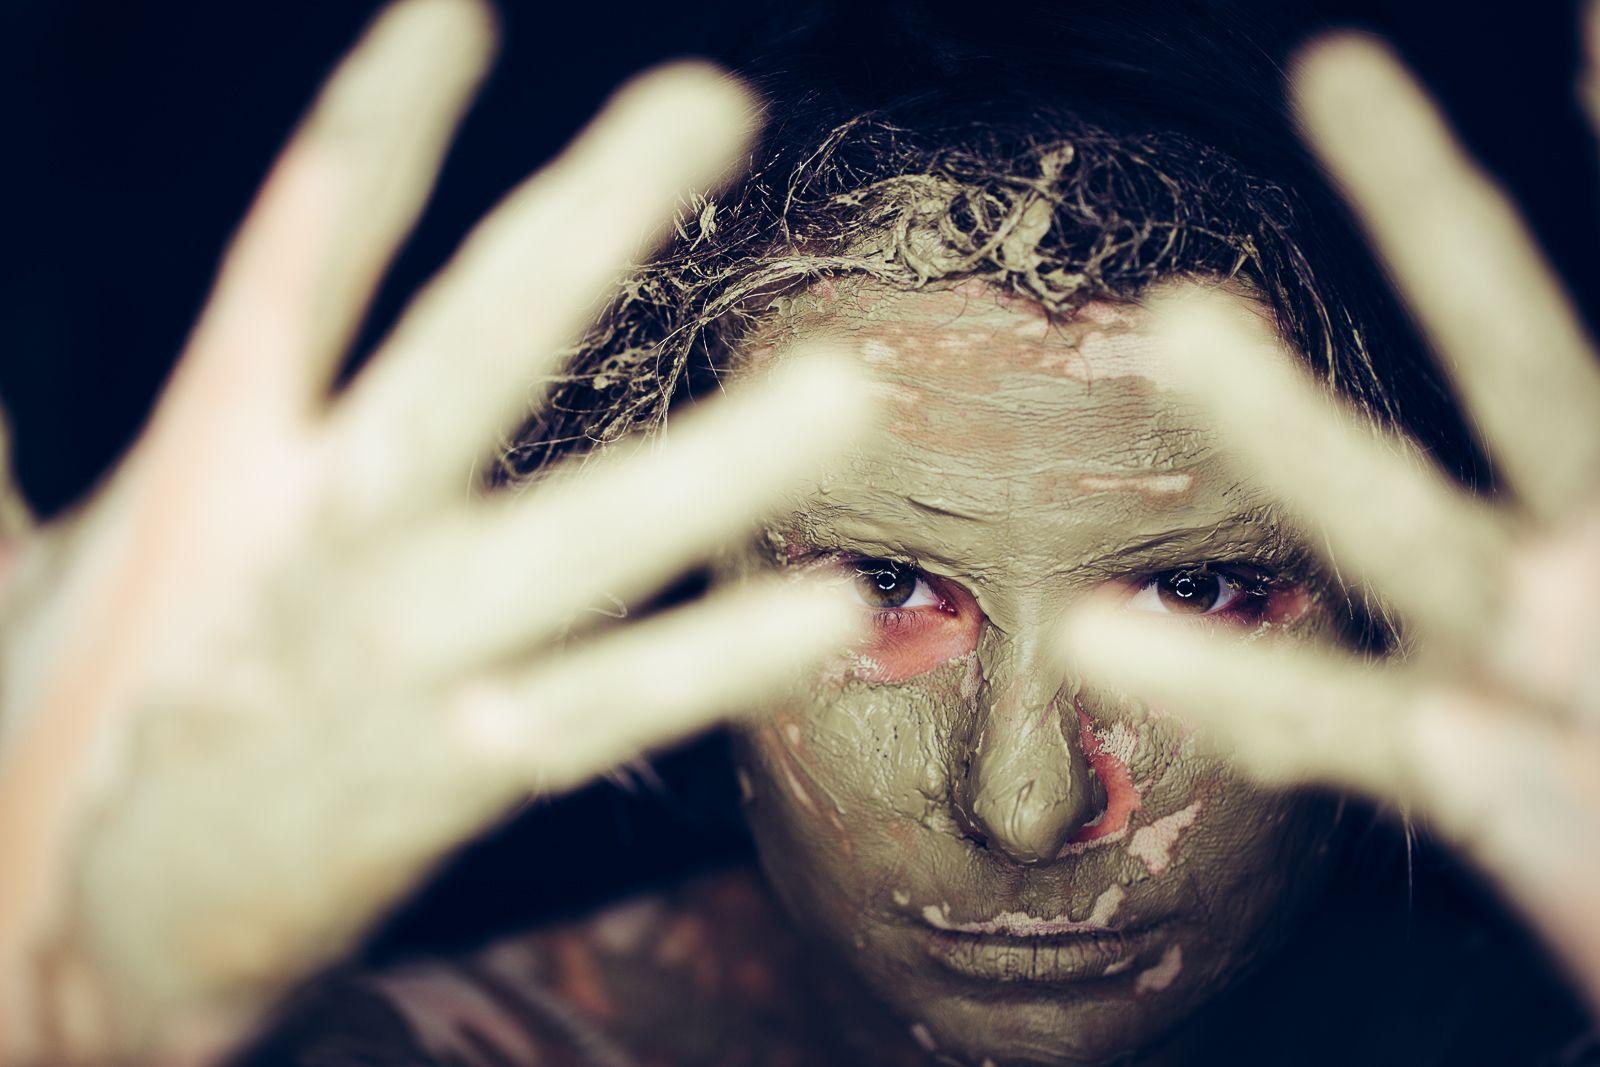 pochestorie-mad-mud-portrait-21.jpg